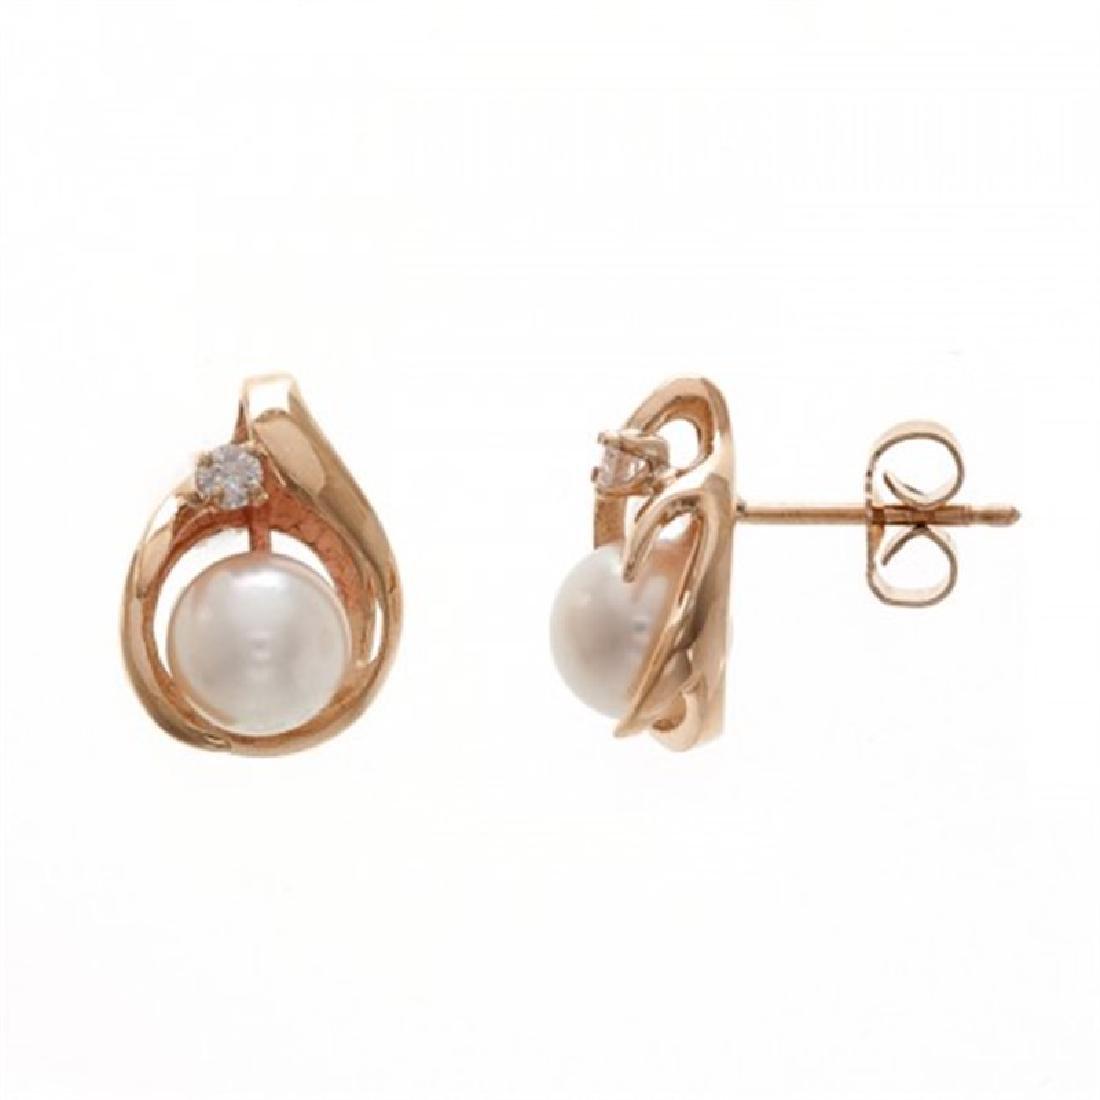 6.0-6.5mm Japanese Akoya Pearl Stud Earrings